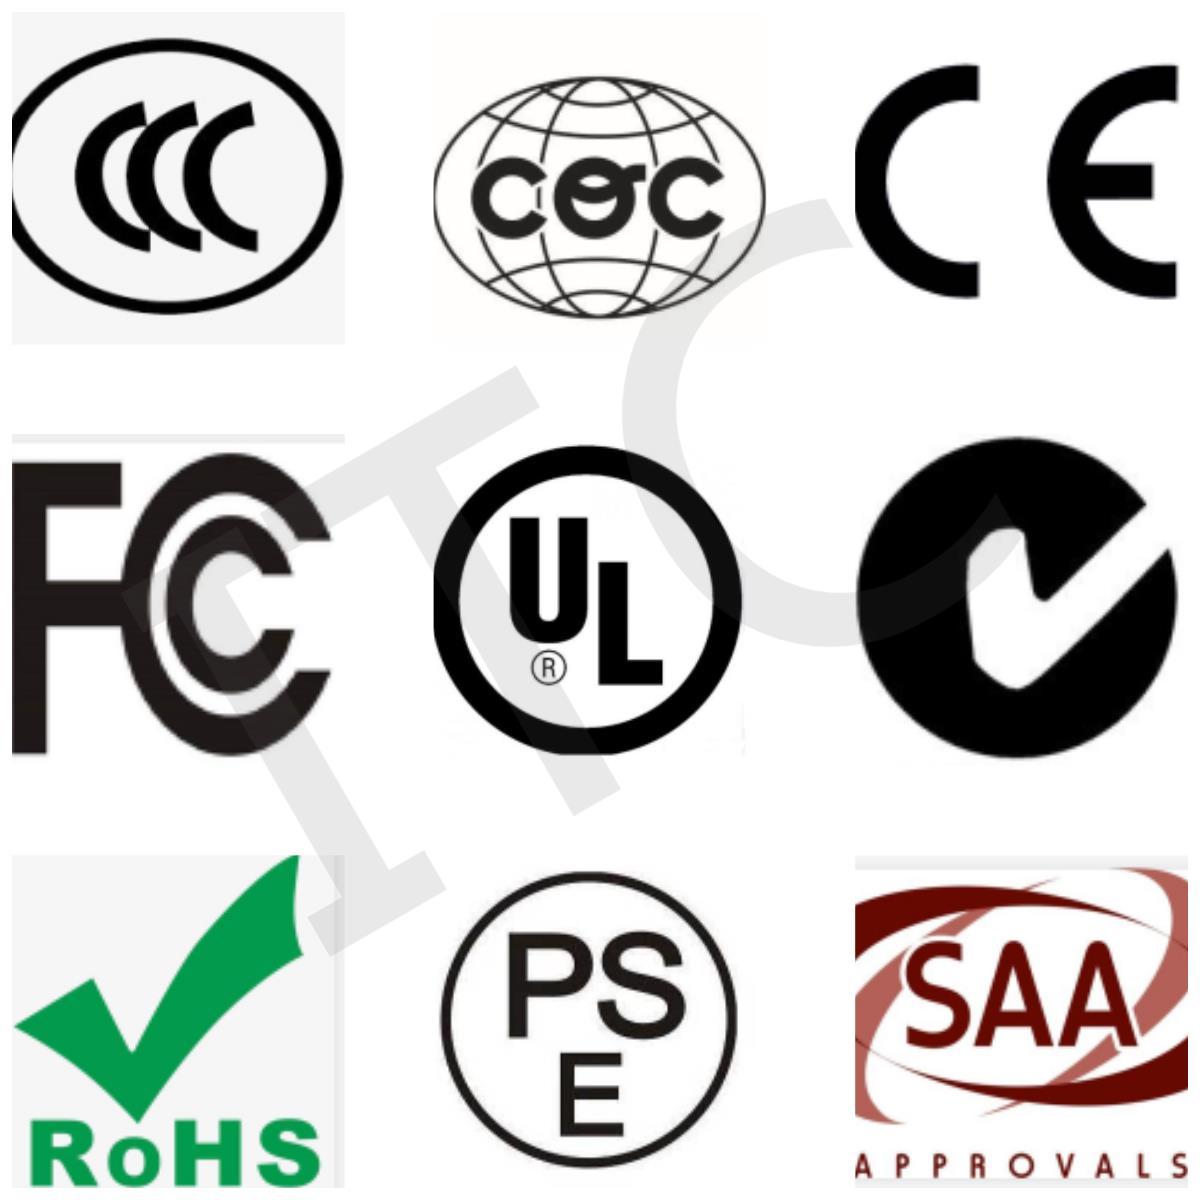 燃氣灶TELEC認證標準